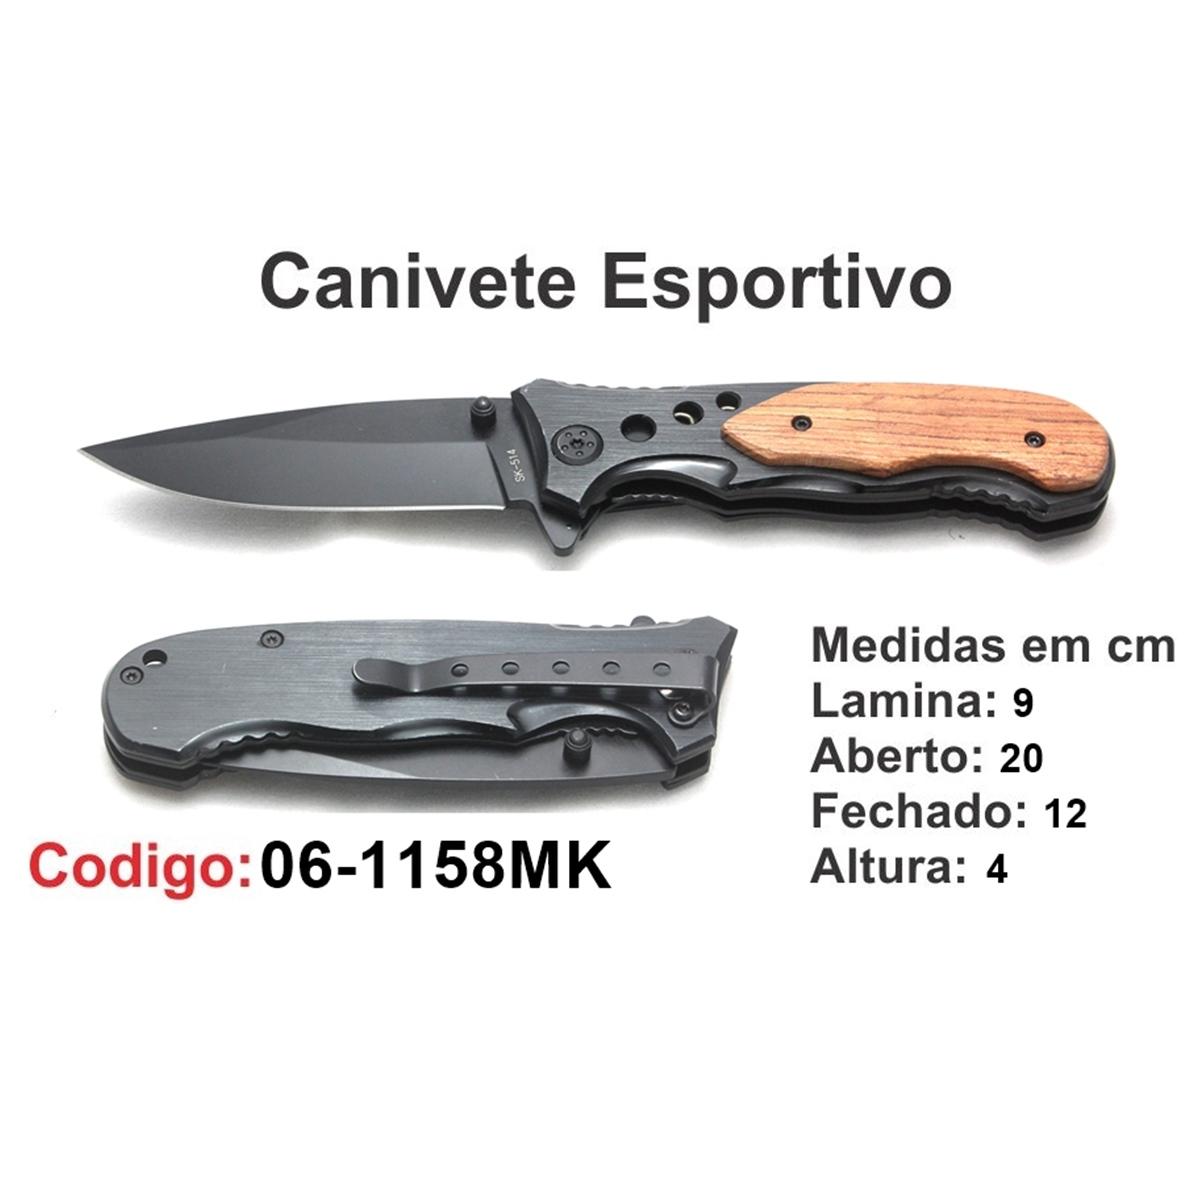 Canivete Esportivo Caça Pesca Etc. 06-1158MK